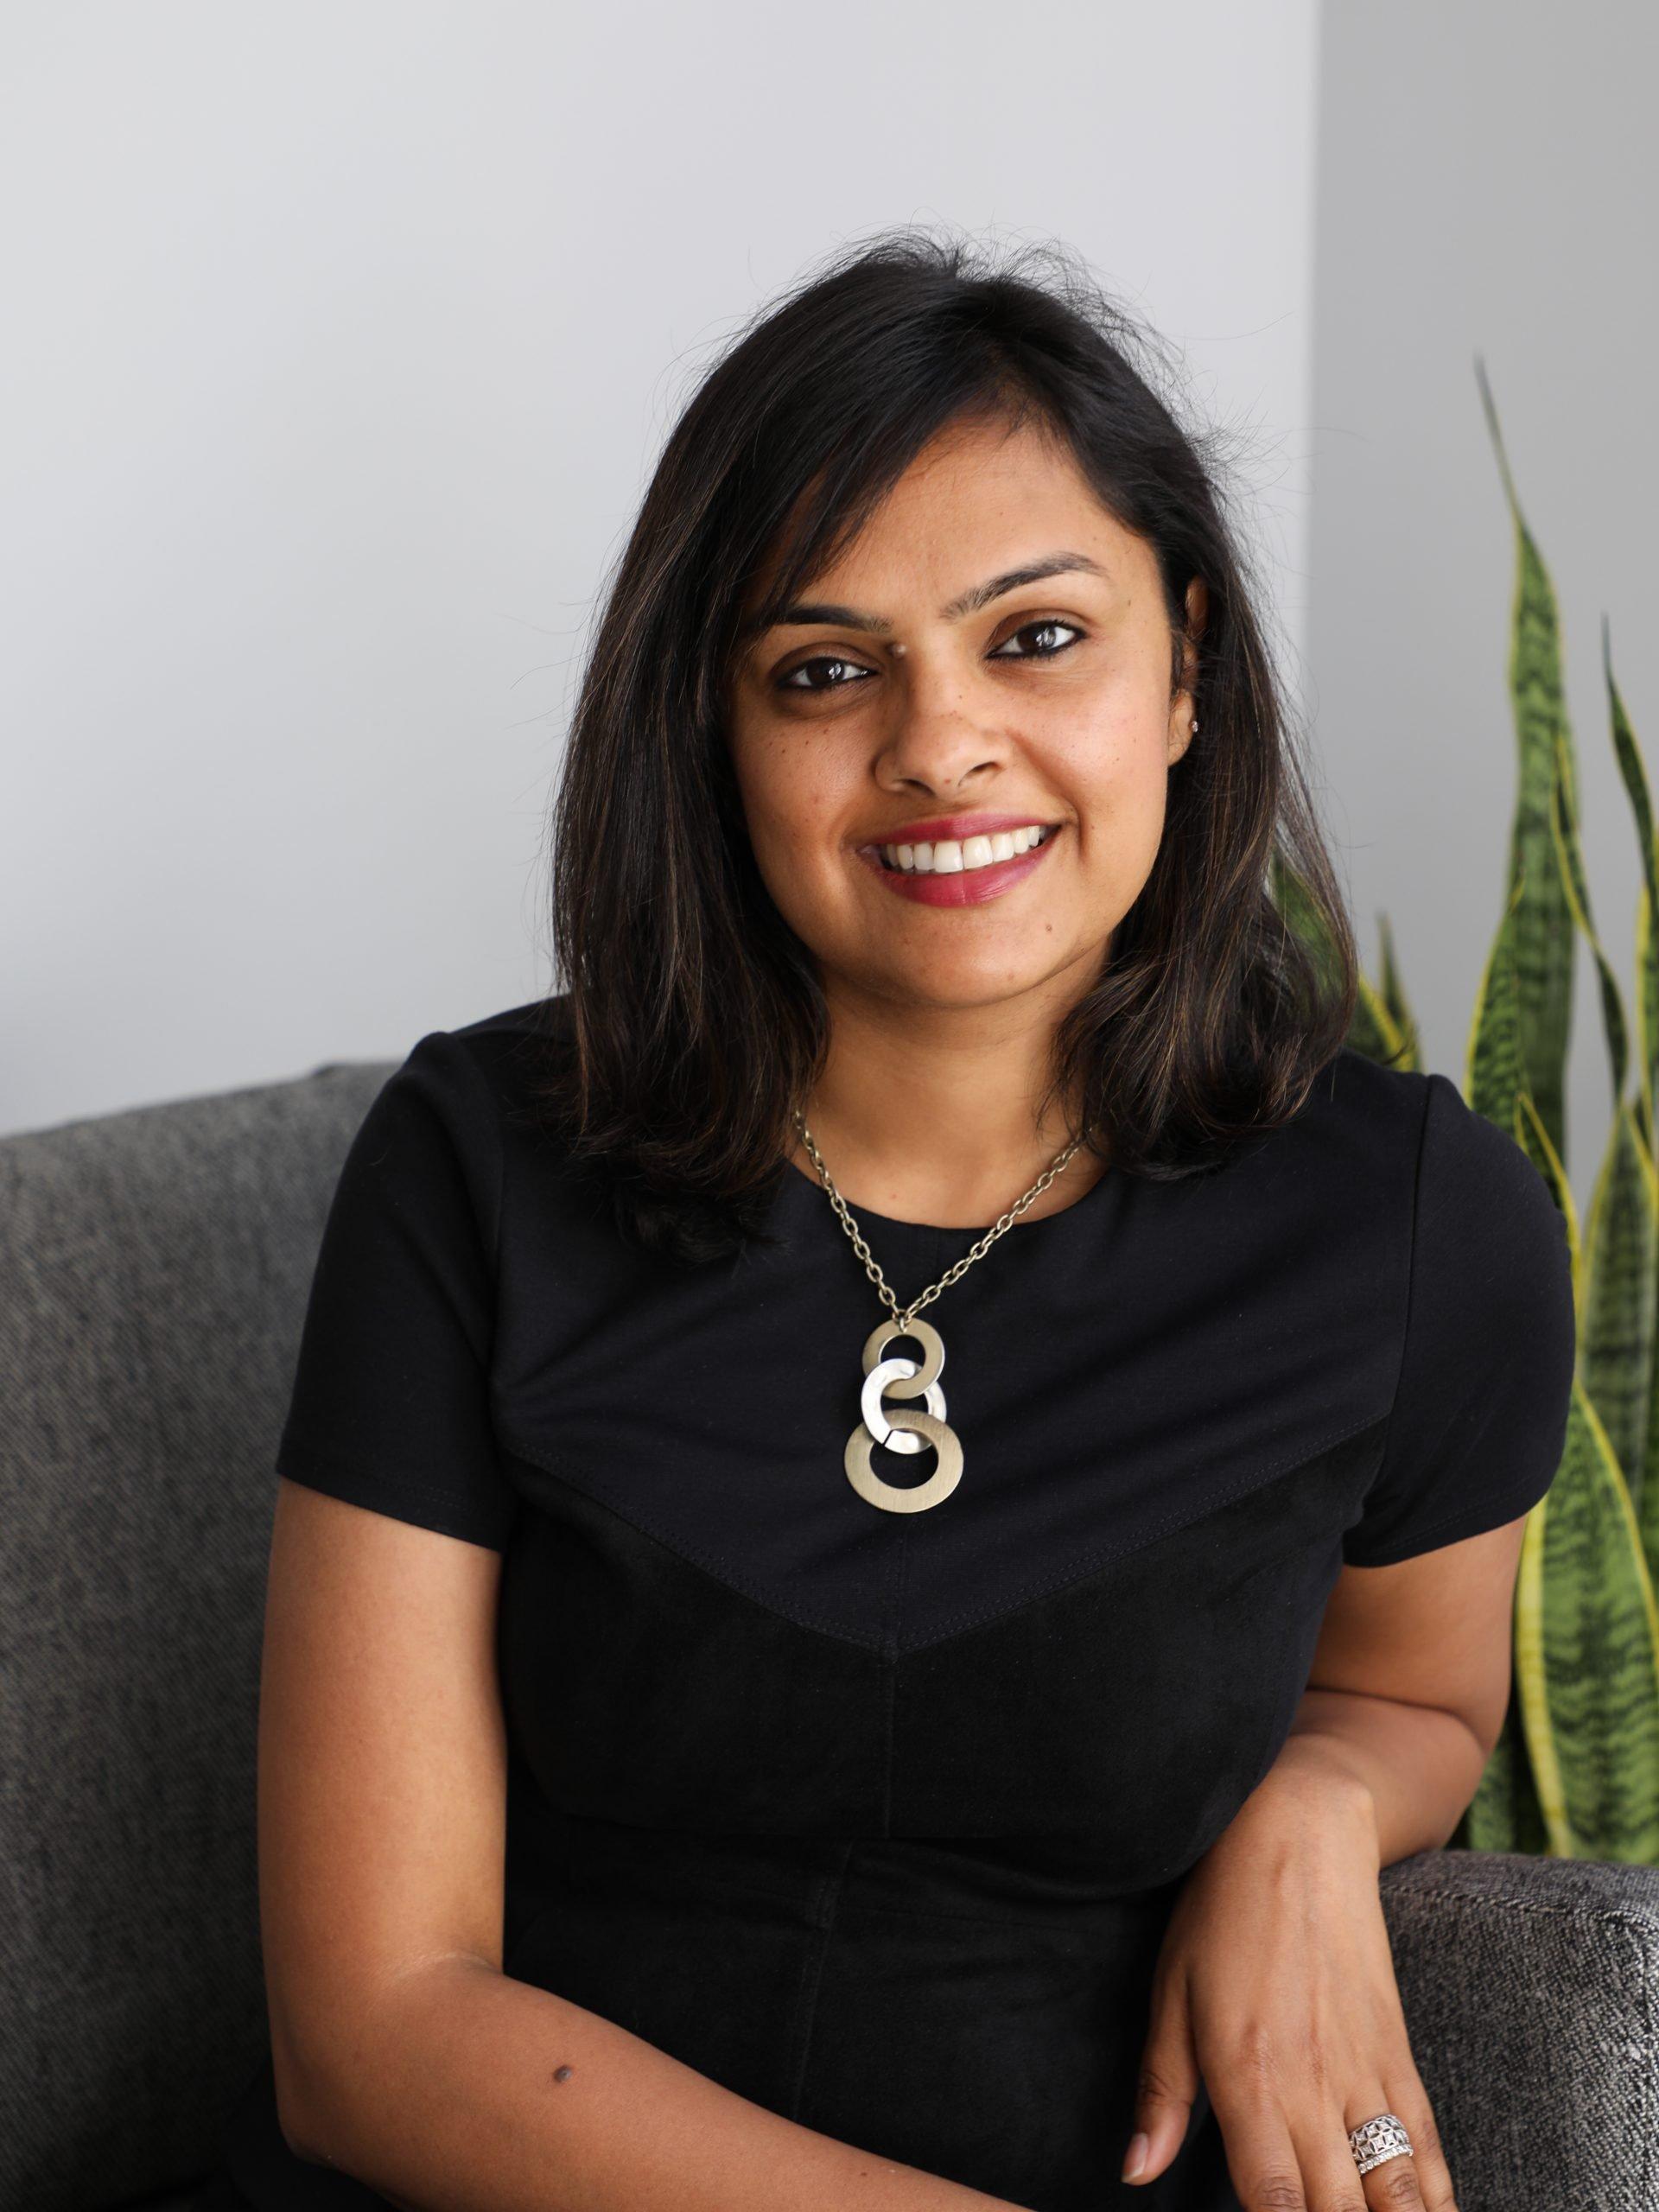 0P3A7608 - Tina Aggarwal